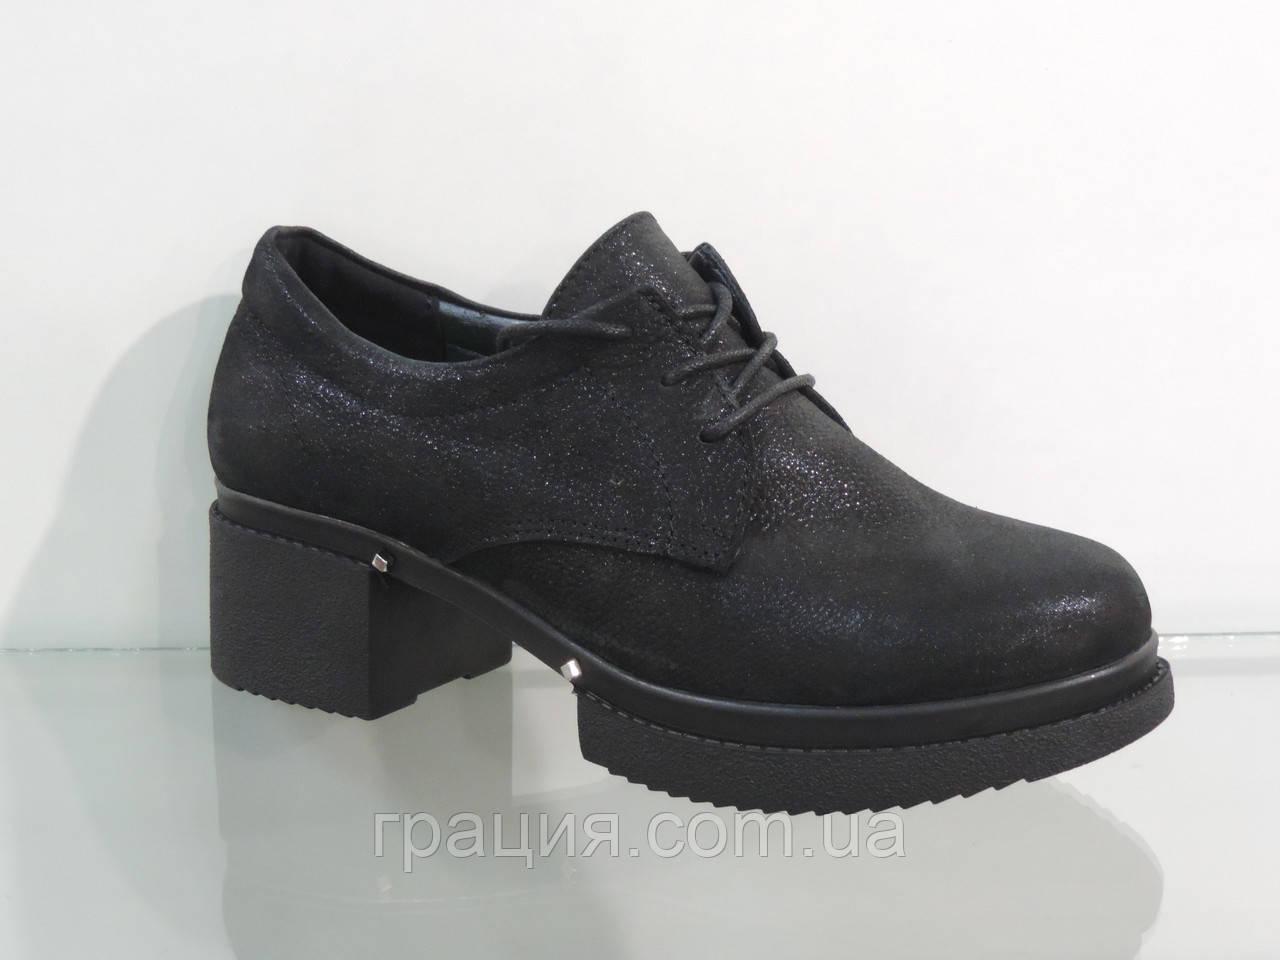 Стильні замшеві туфлі на платформі зі шнурівкою